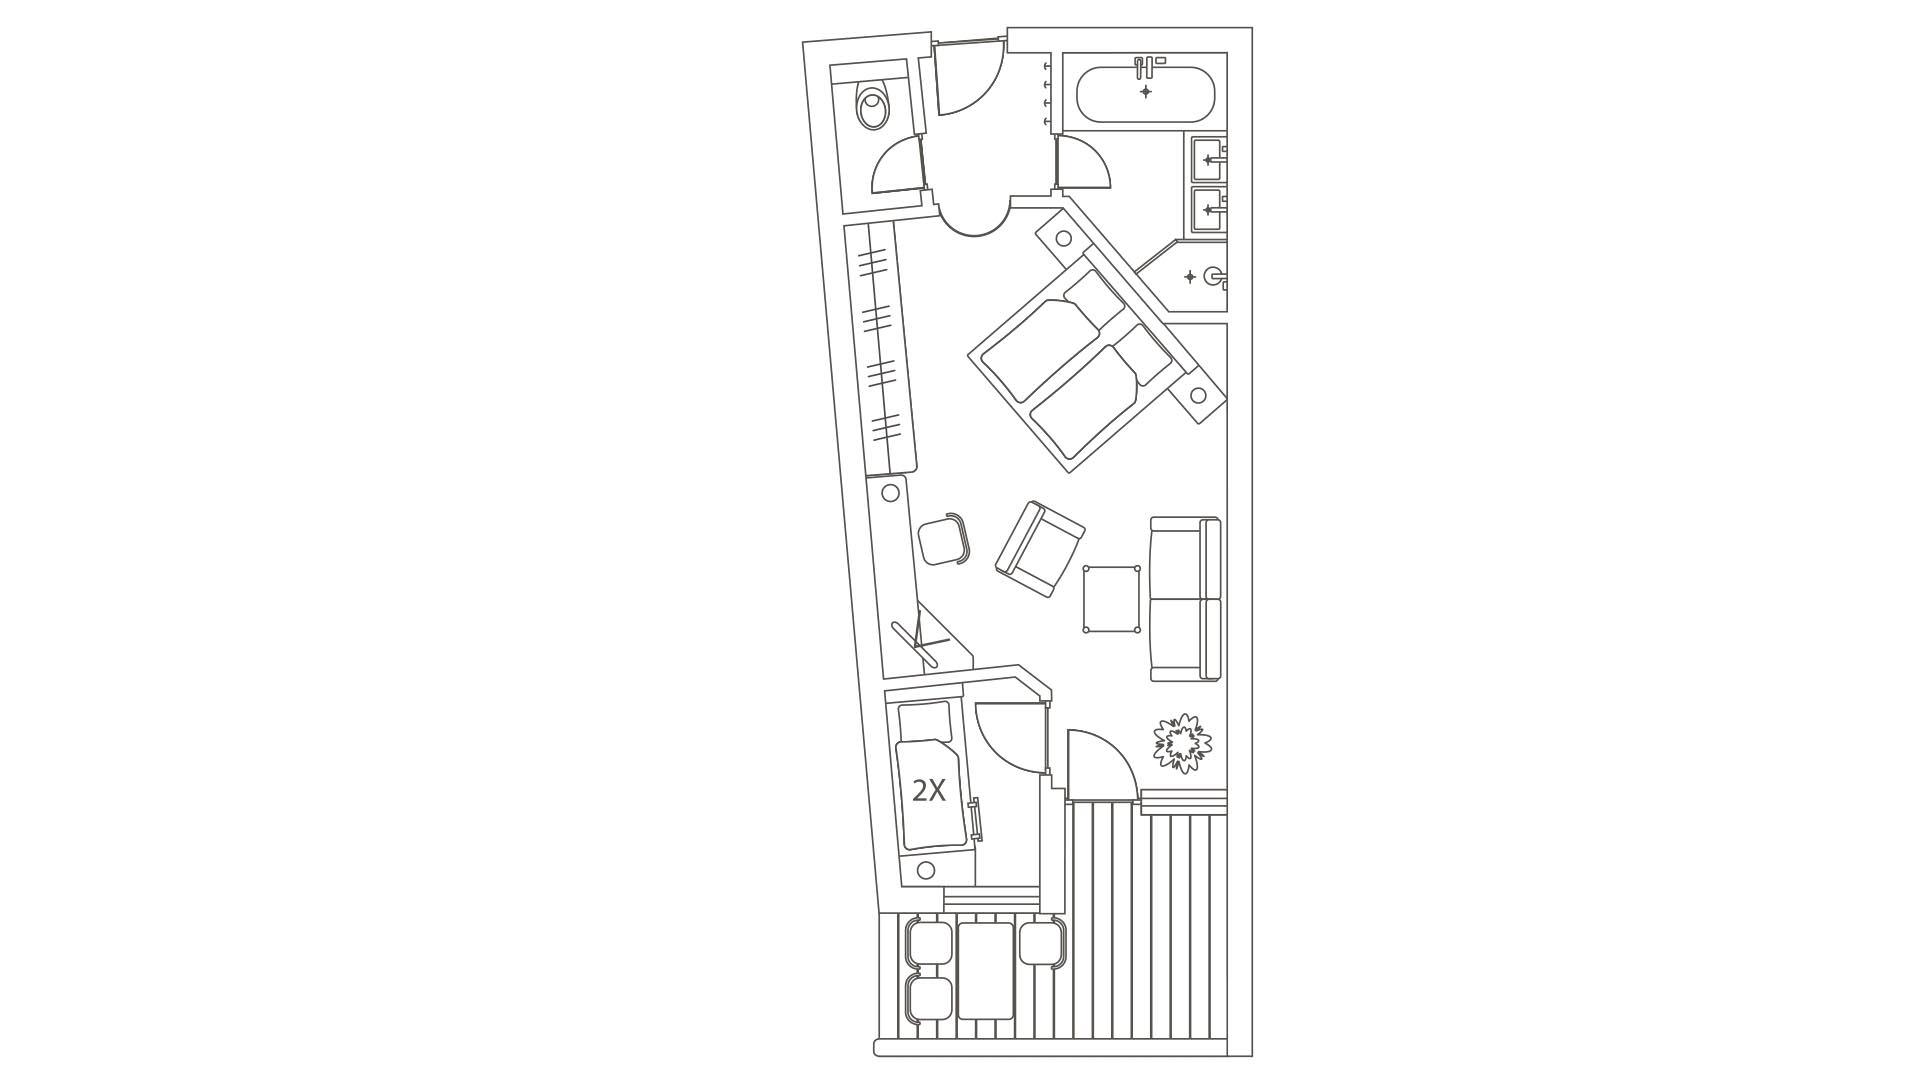 6_Doppelzimmer-STERN-35qm_0069_Zimmerplan_Sternensuite_2017_DRUCK_SW.jpg